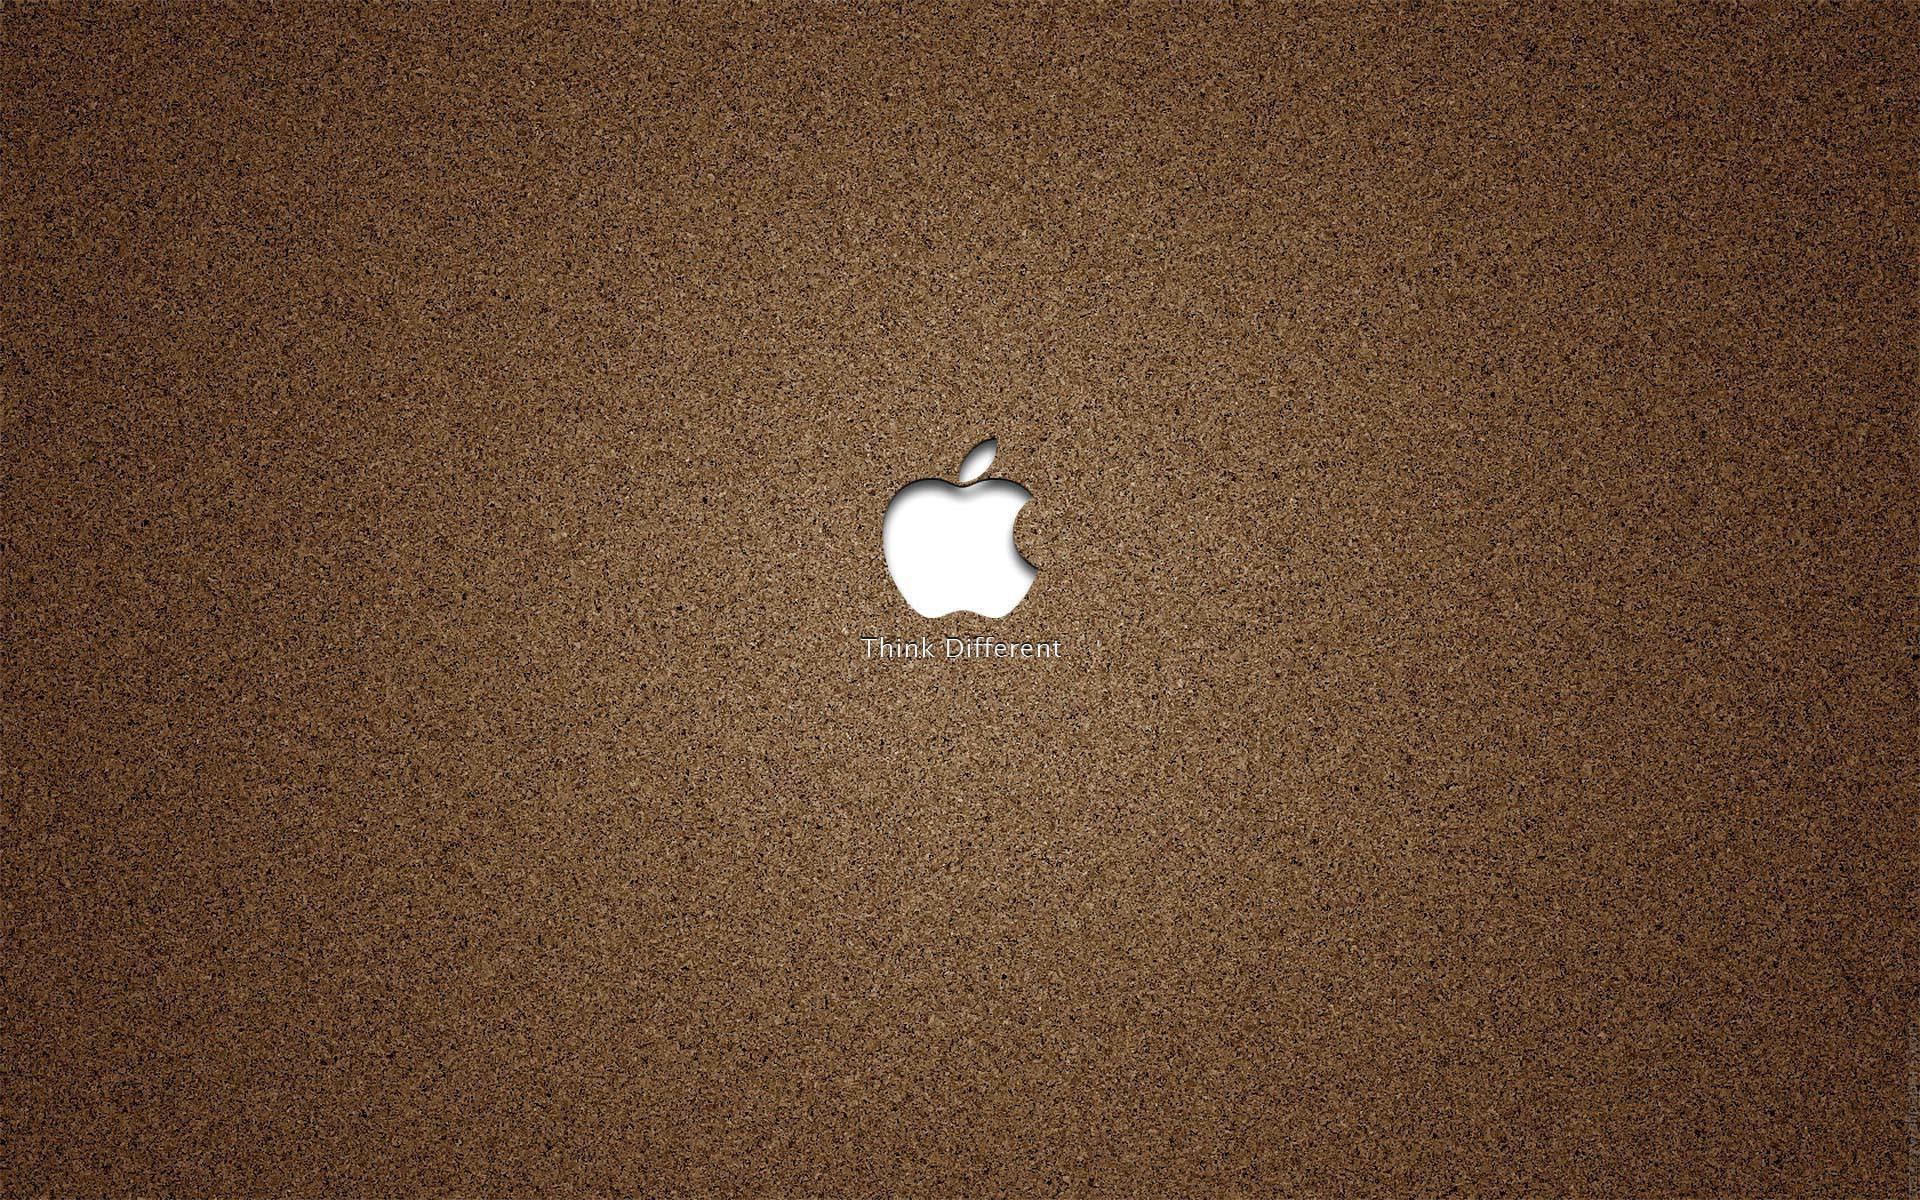 telechargement-gratuit-de-fond-ecran-apple_05